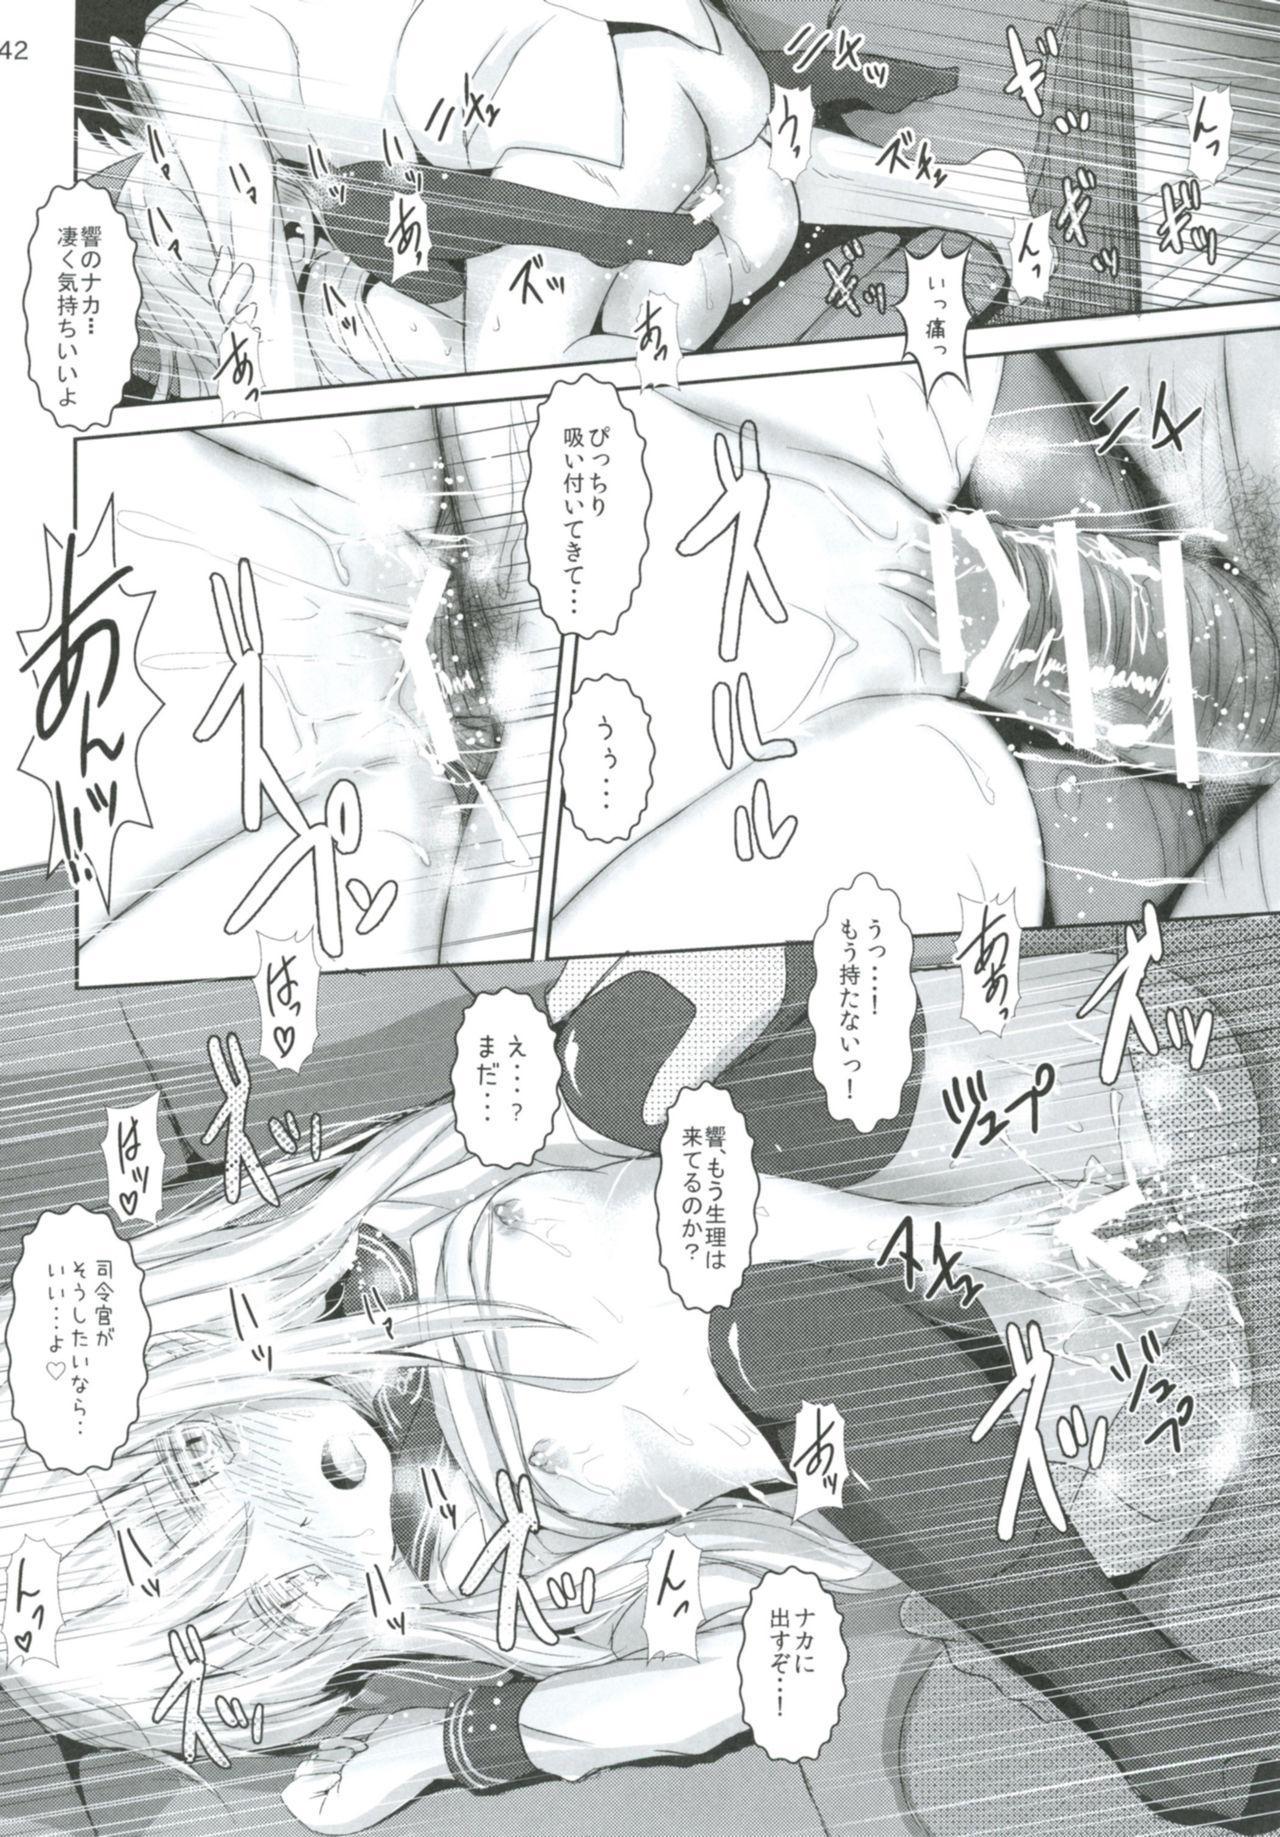 [Inyu-goya (Inyucchi)] Shireikan-san wa SexHara-san nano desu Matome (Kantai Collection -KanColle-) [Digital] 40